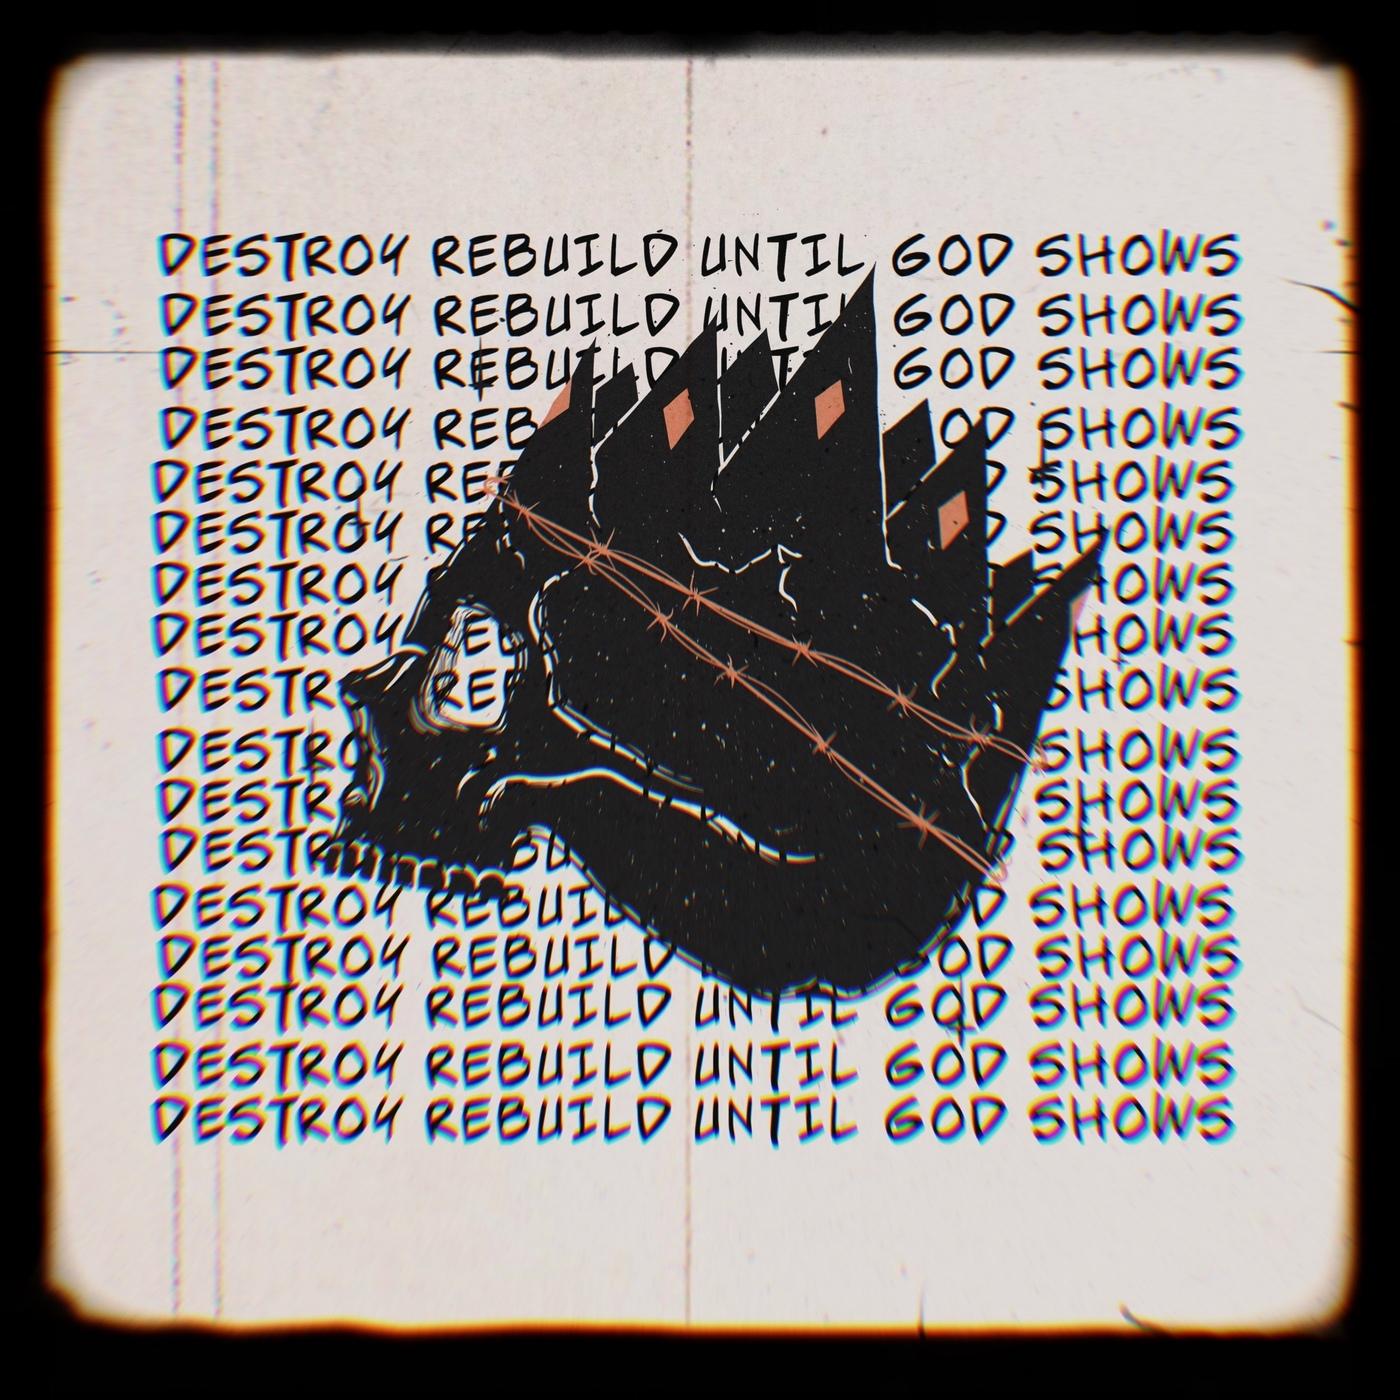 Destroy Rebuild Until God Shows - King I Am (Demo) [single] (2020)